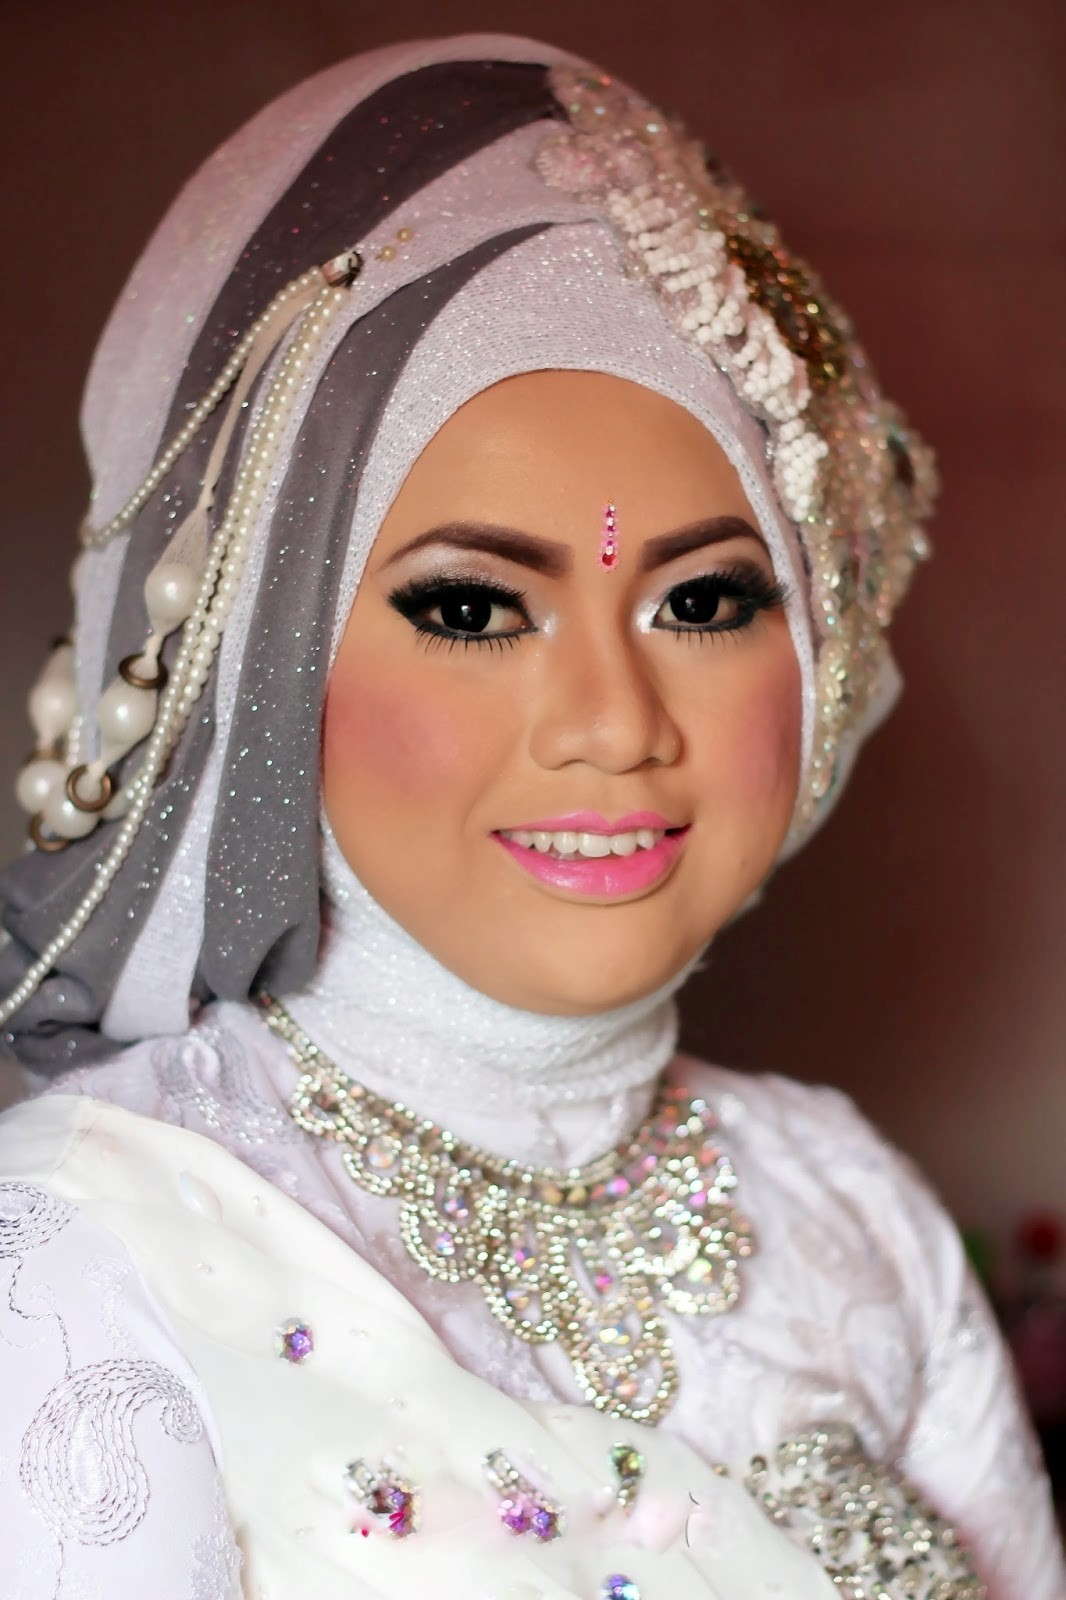 صور اناقة وجمال , حجابك روعه كله اناقه وجمال